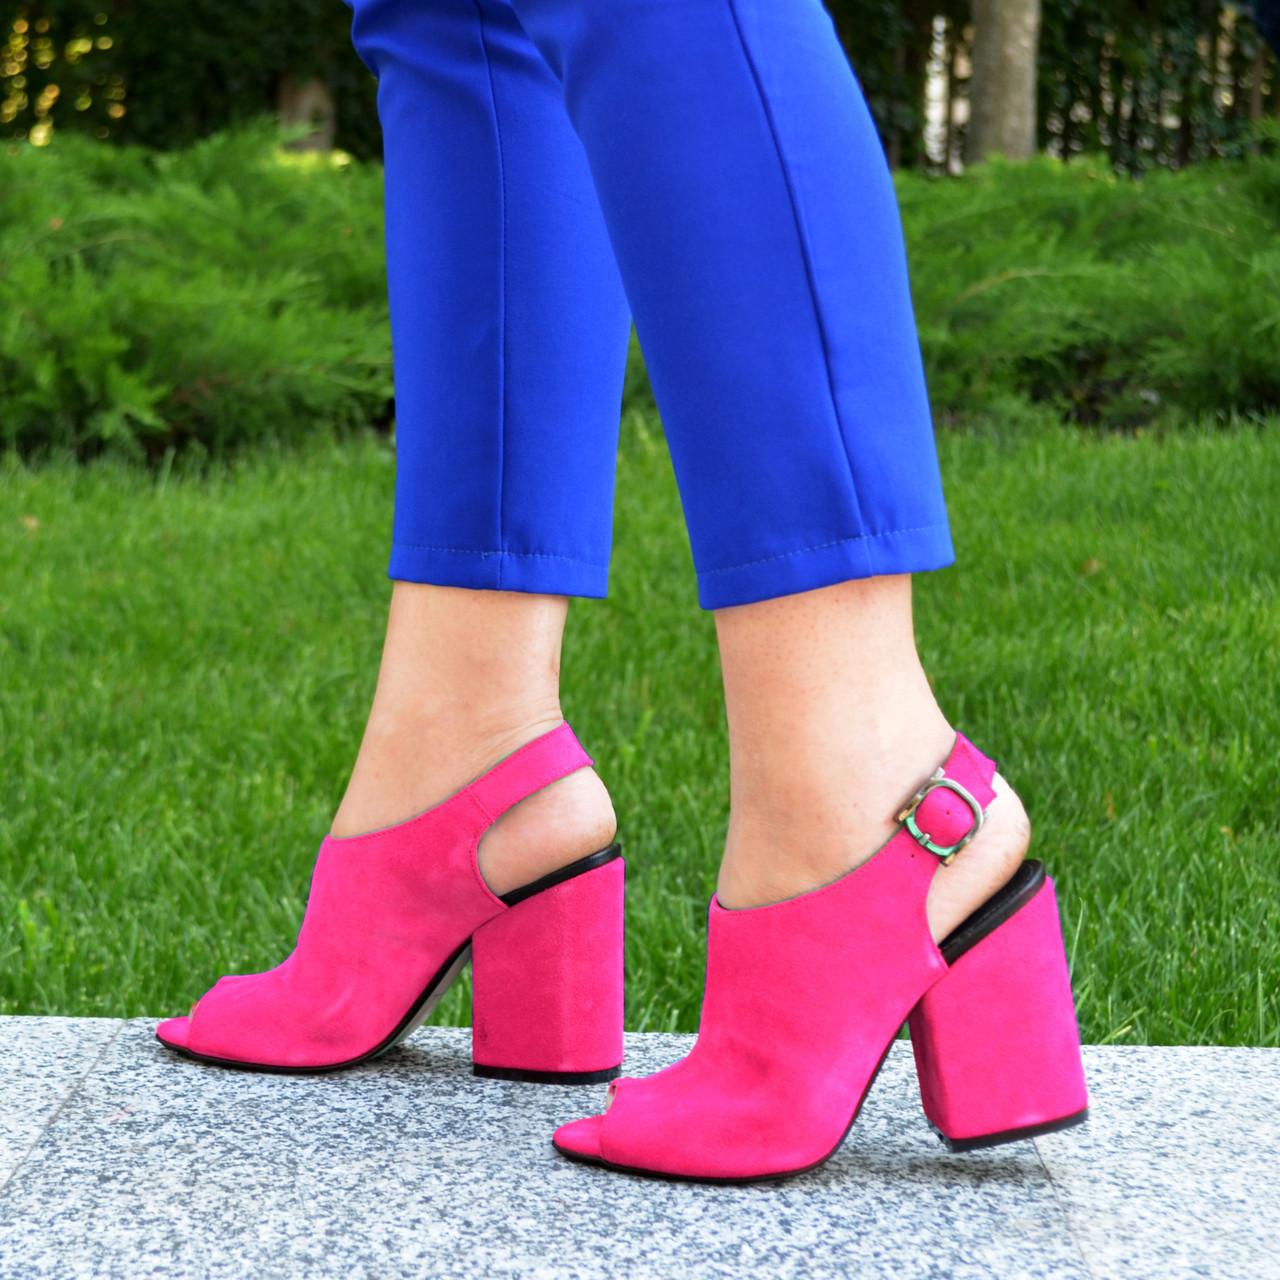 Женские замшевые босоножки на устойчивом каблуке, цвет фуксия